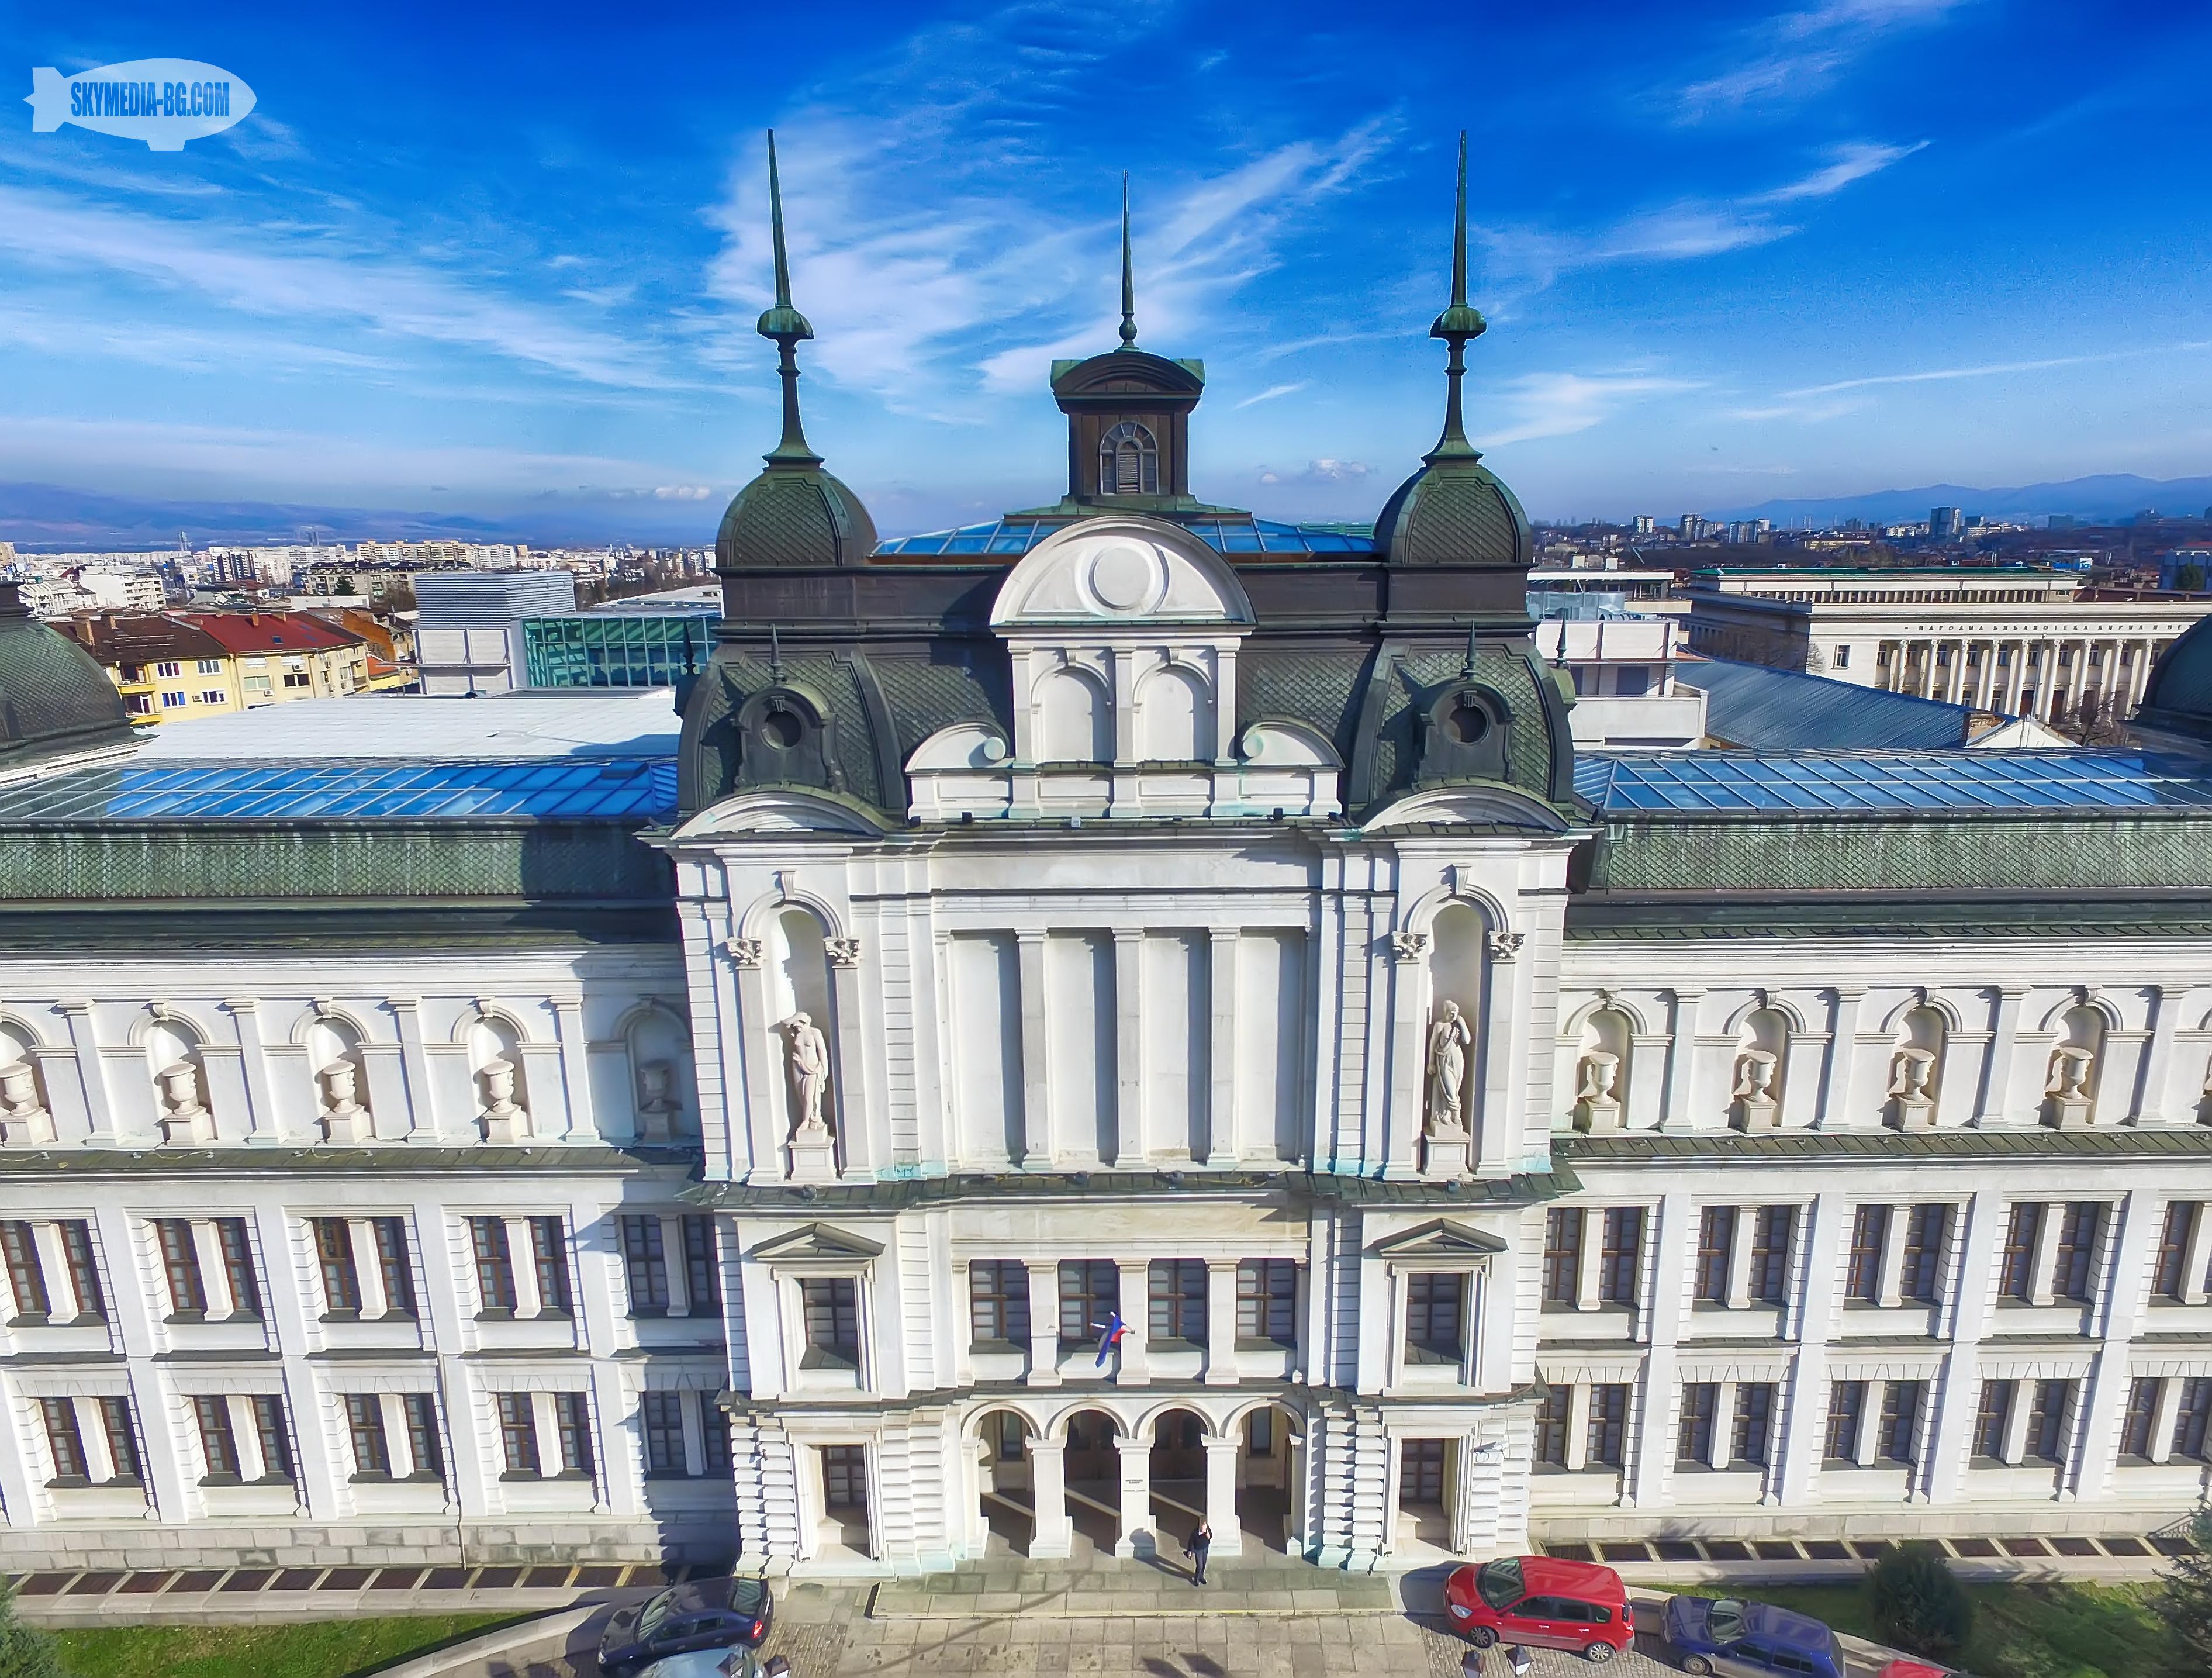 Националната галерия за чуждестранно изкуство се намира в сградата на бившата държавна печатница, проектирана от виенския архитект Фридрих Швамбергер. Пострадала е силно при бомбардировките.